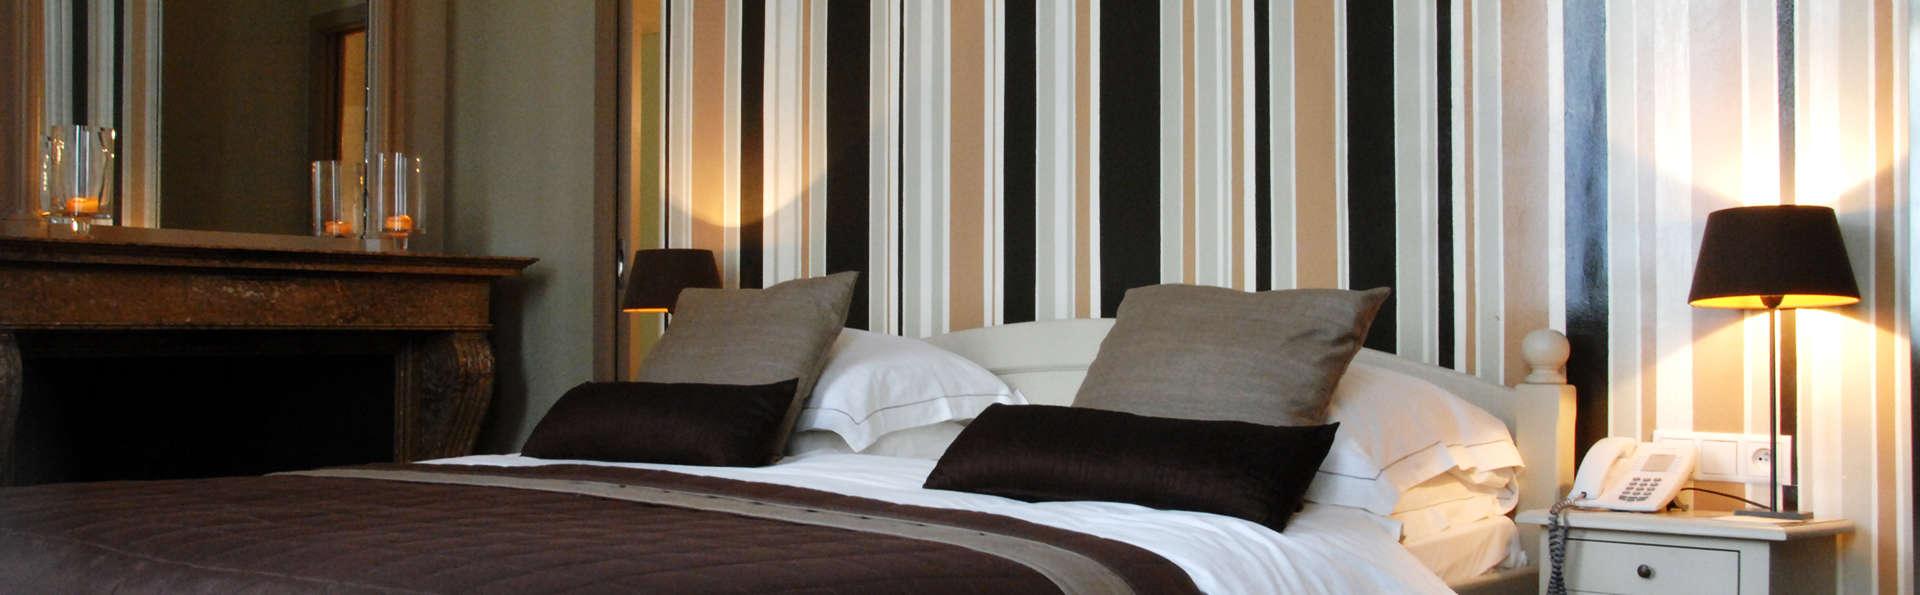 Hotel de Flandre - EDIT_room.jpg